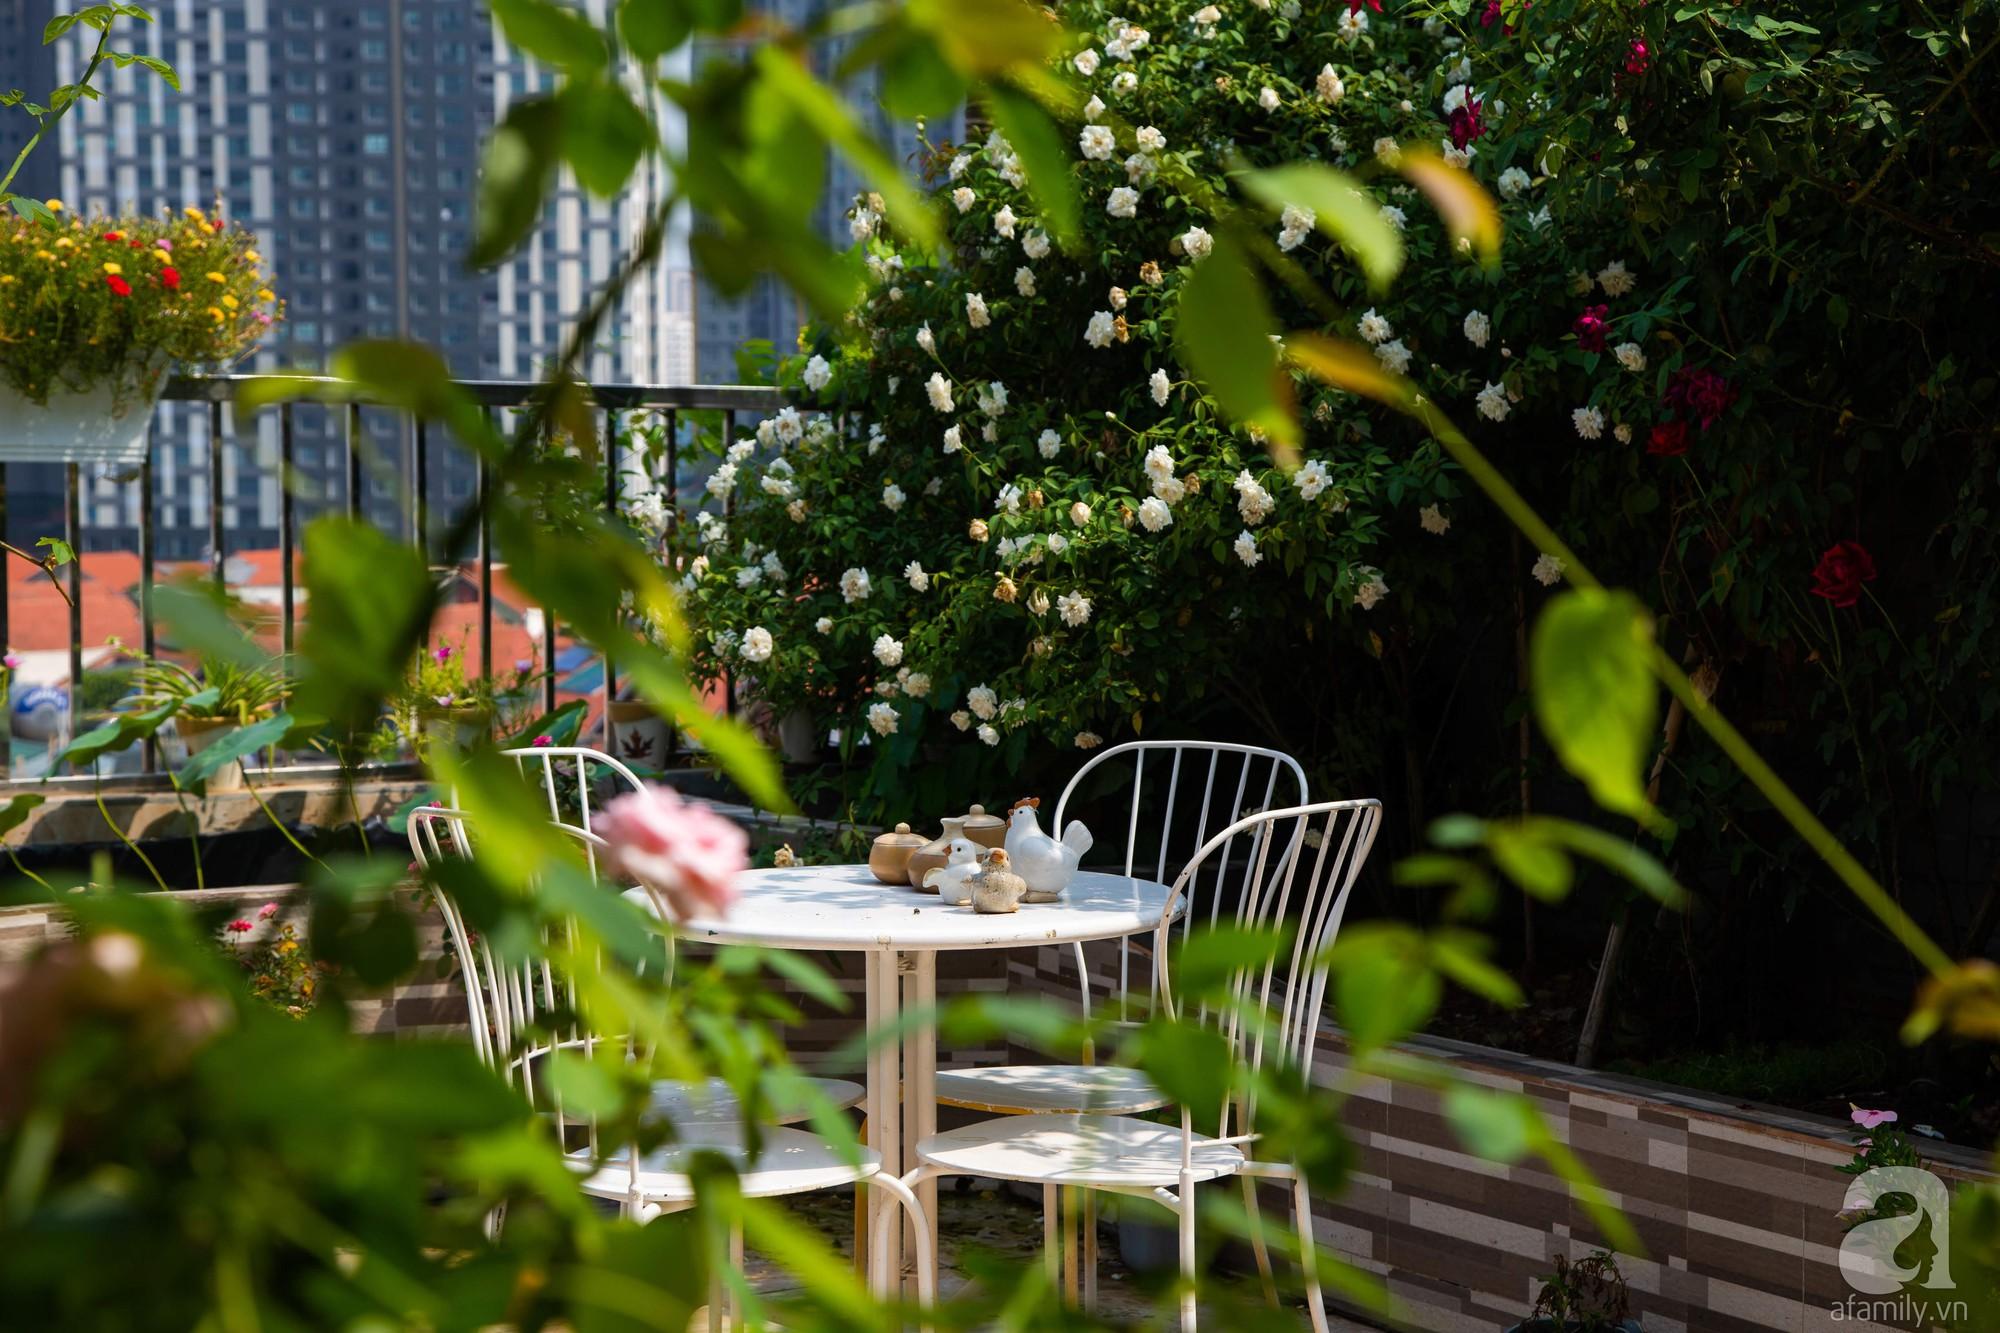 Khu vườn trên sân thượng rộng 200m² đẹp ngỡ ngàng với trăm loài hoa đua nhau khoe sắc ở Hà Nội - Ảnh 5.